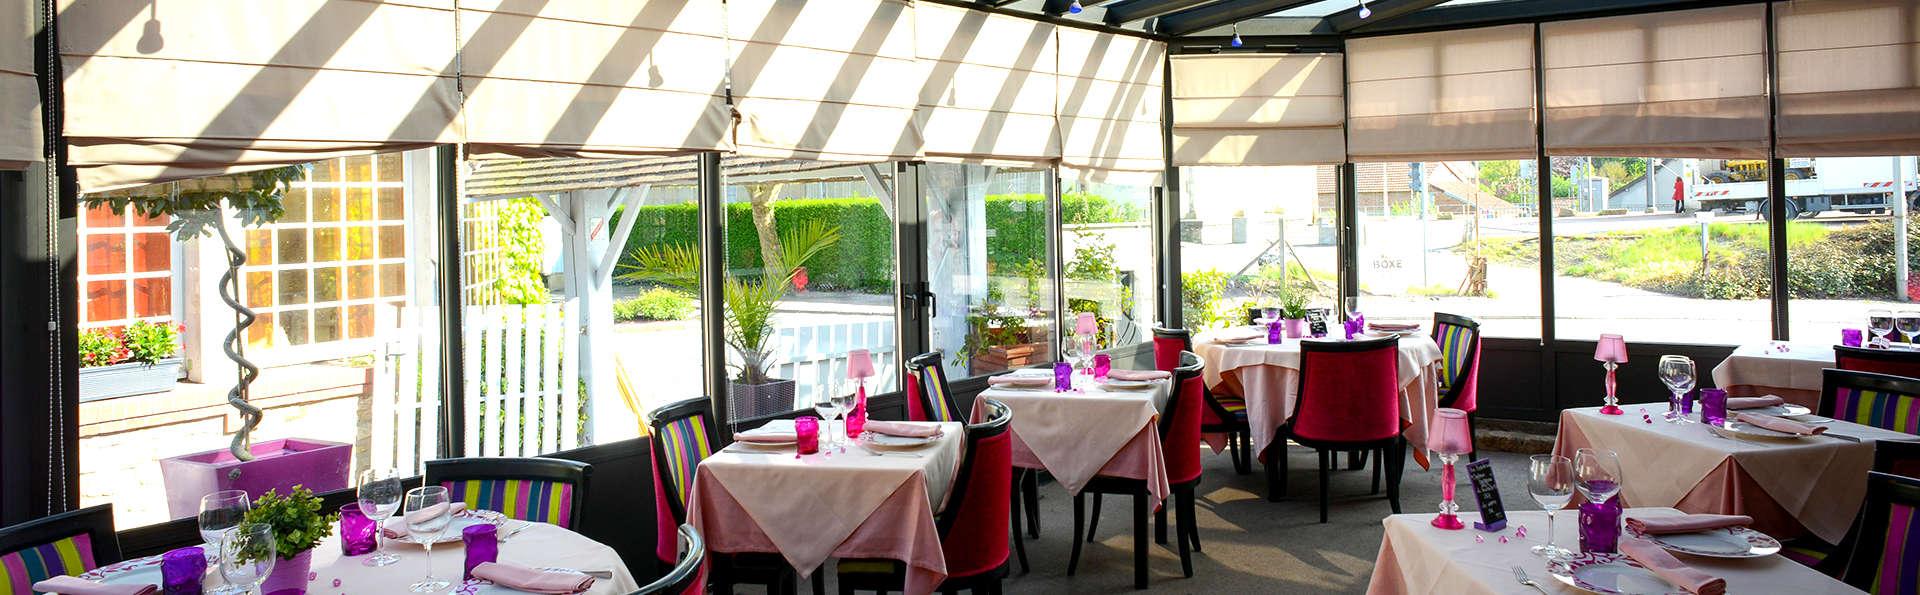 Week-end de charme avec dîner terroir au coeur du Cotentin